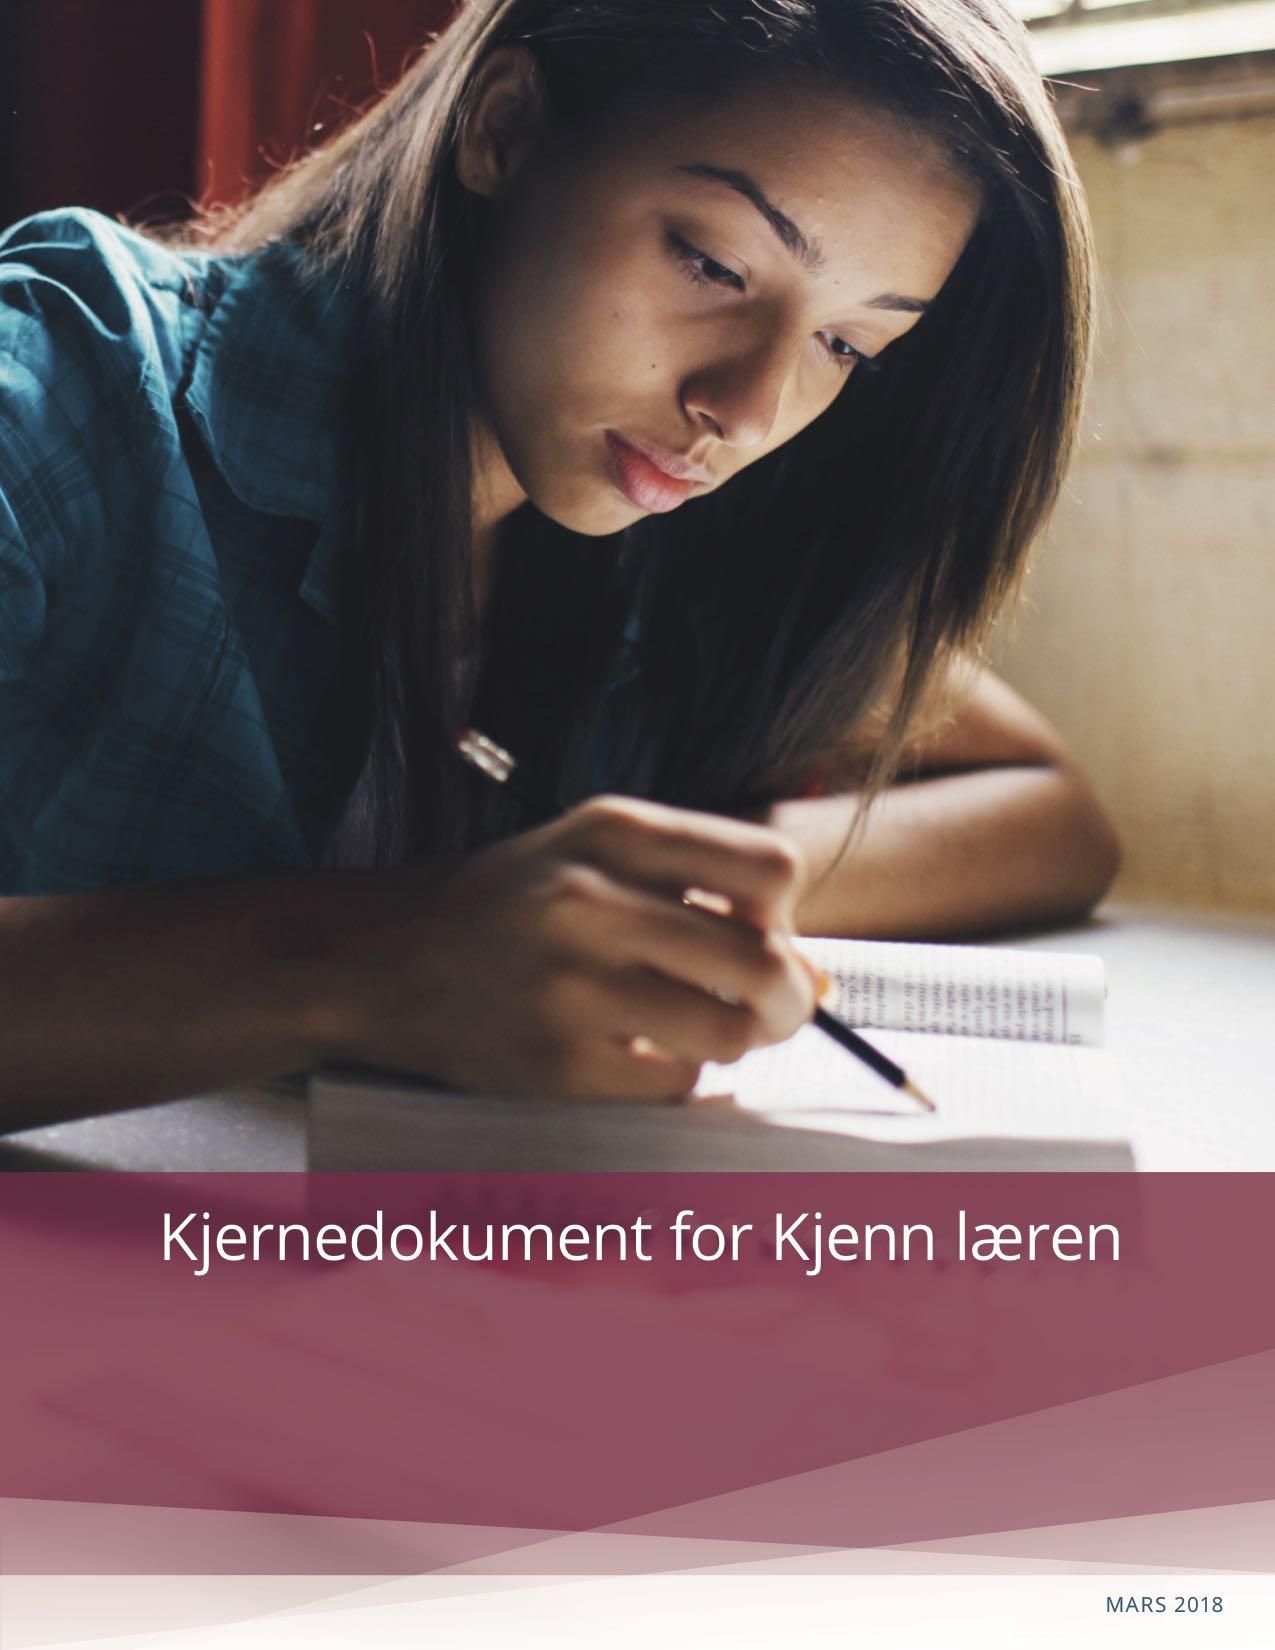 Kjernedokument for Kjenn læren, omslag